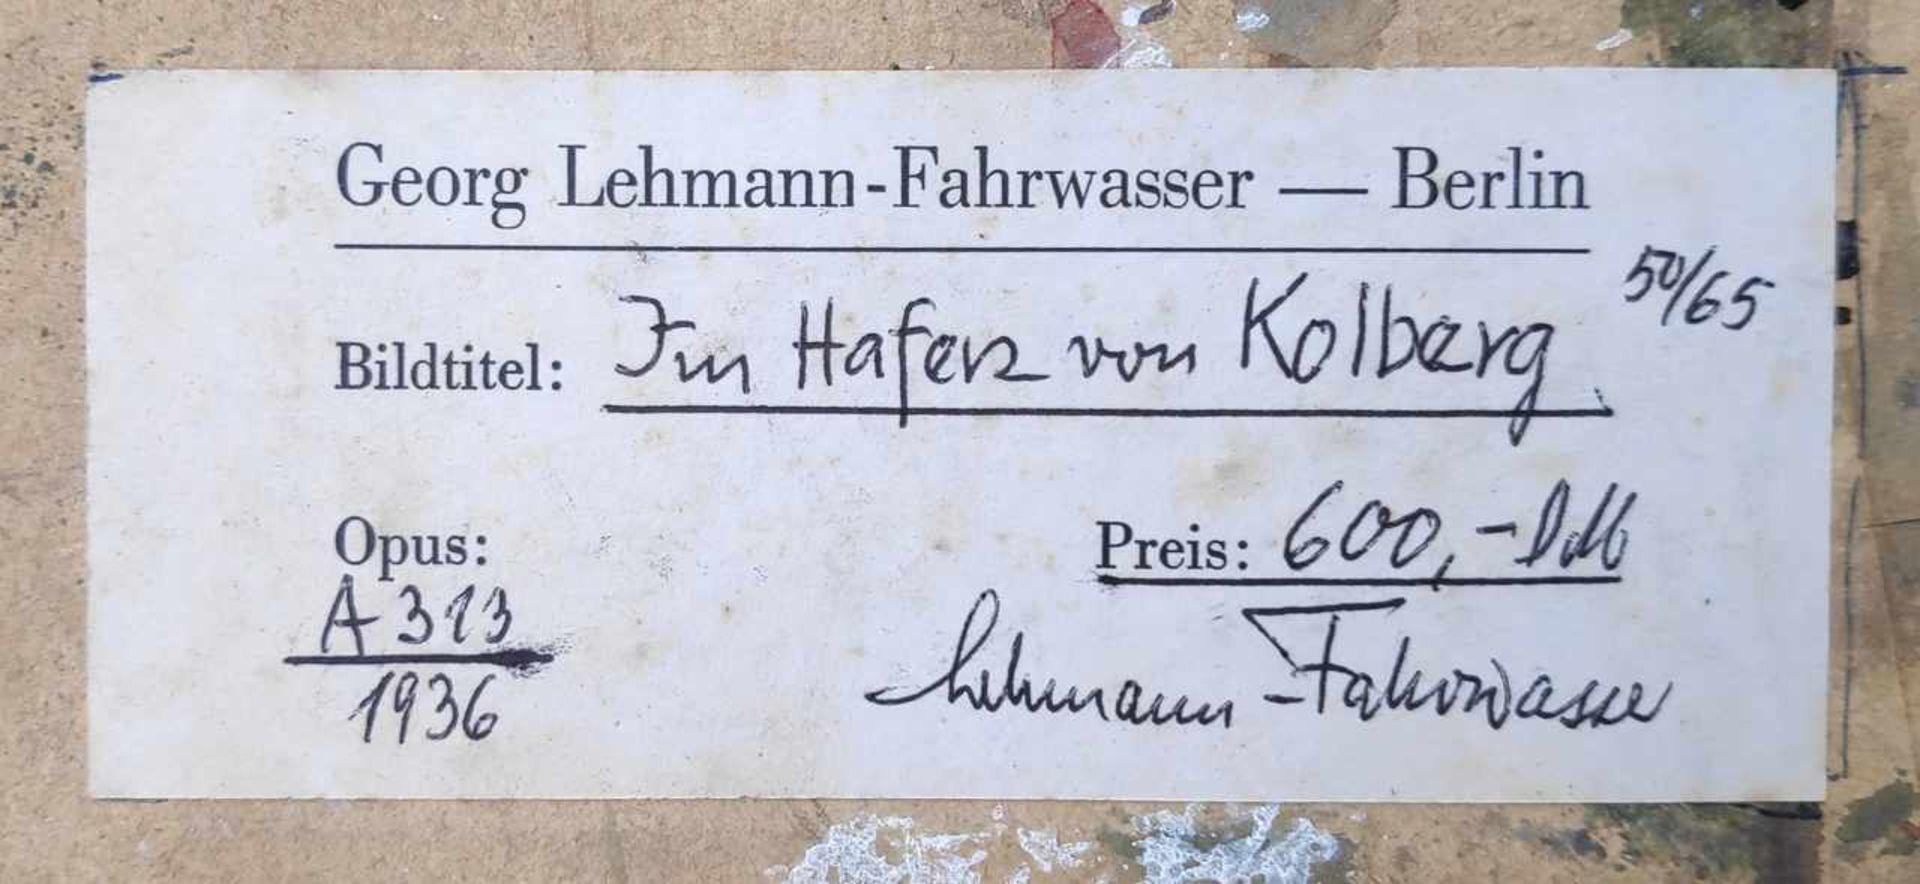 Lehmann-Fahrwasser, Georg (1887 Danzig - 1977 Berlin) - Bild 8 aus 8